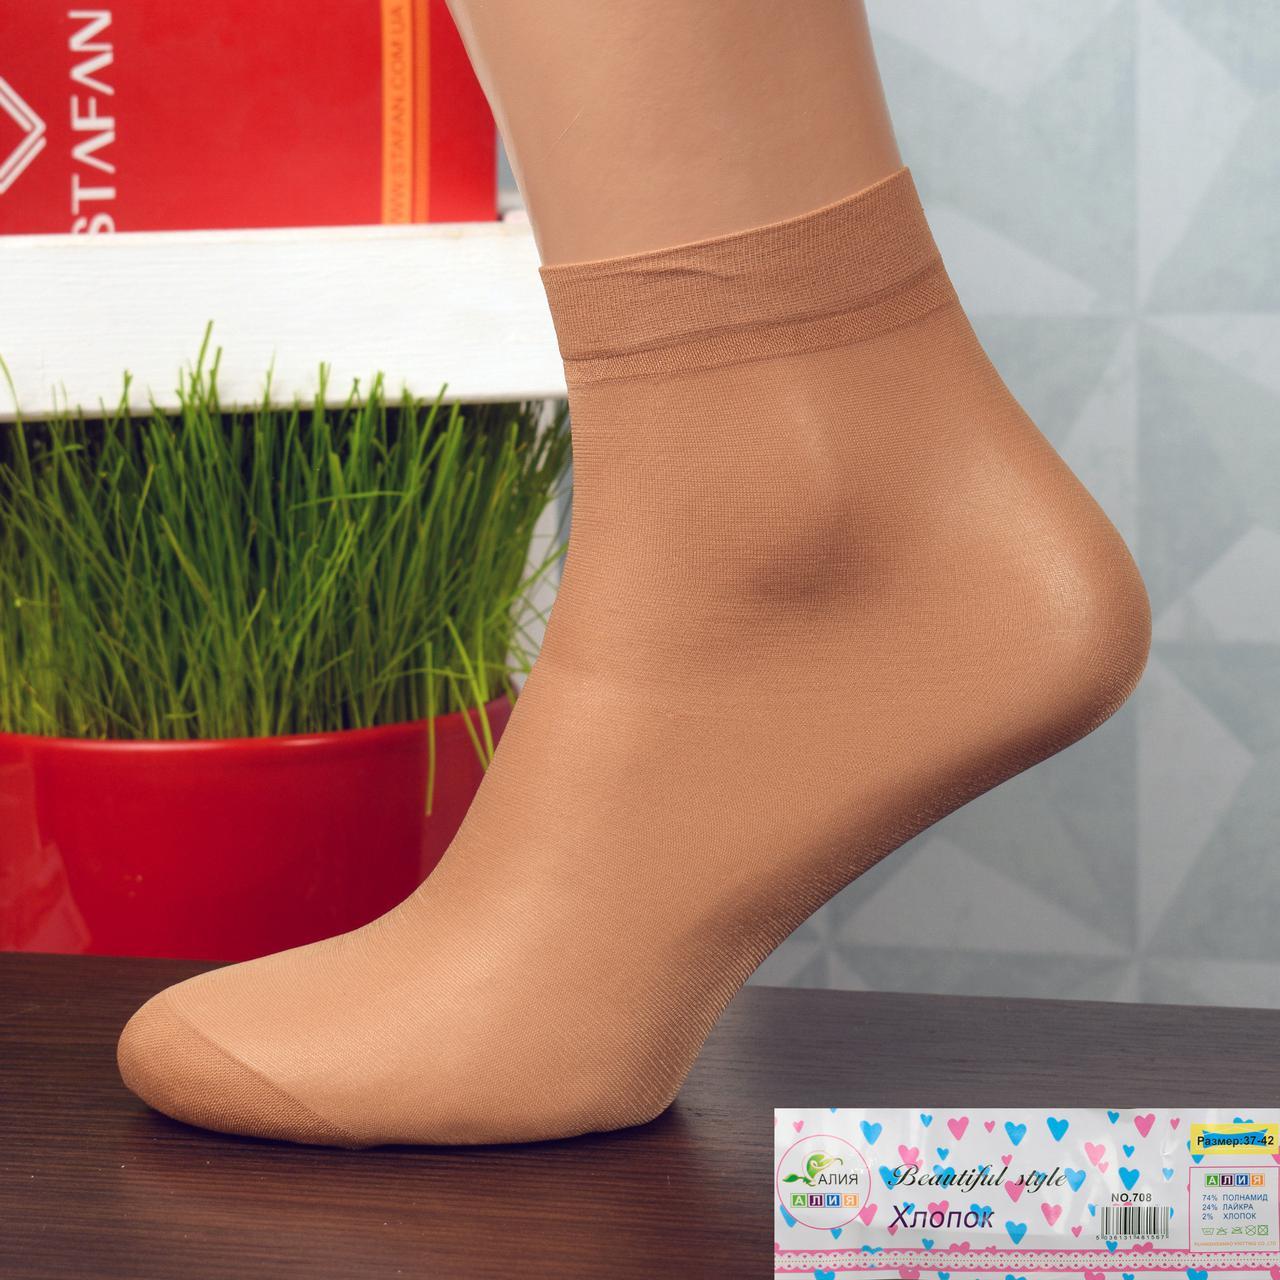 6a897de077b4 Женские капроновые носки с выделенной пяткой Алия 708-1. В упаковке 10